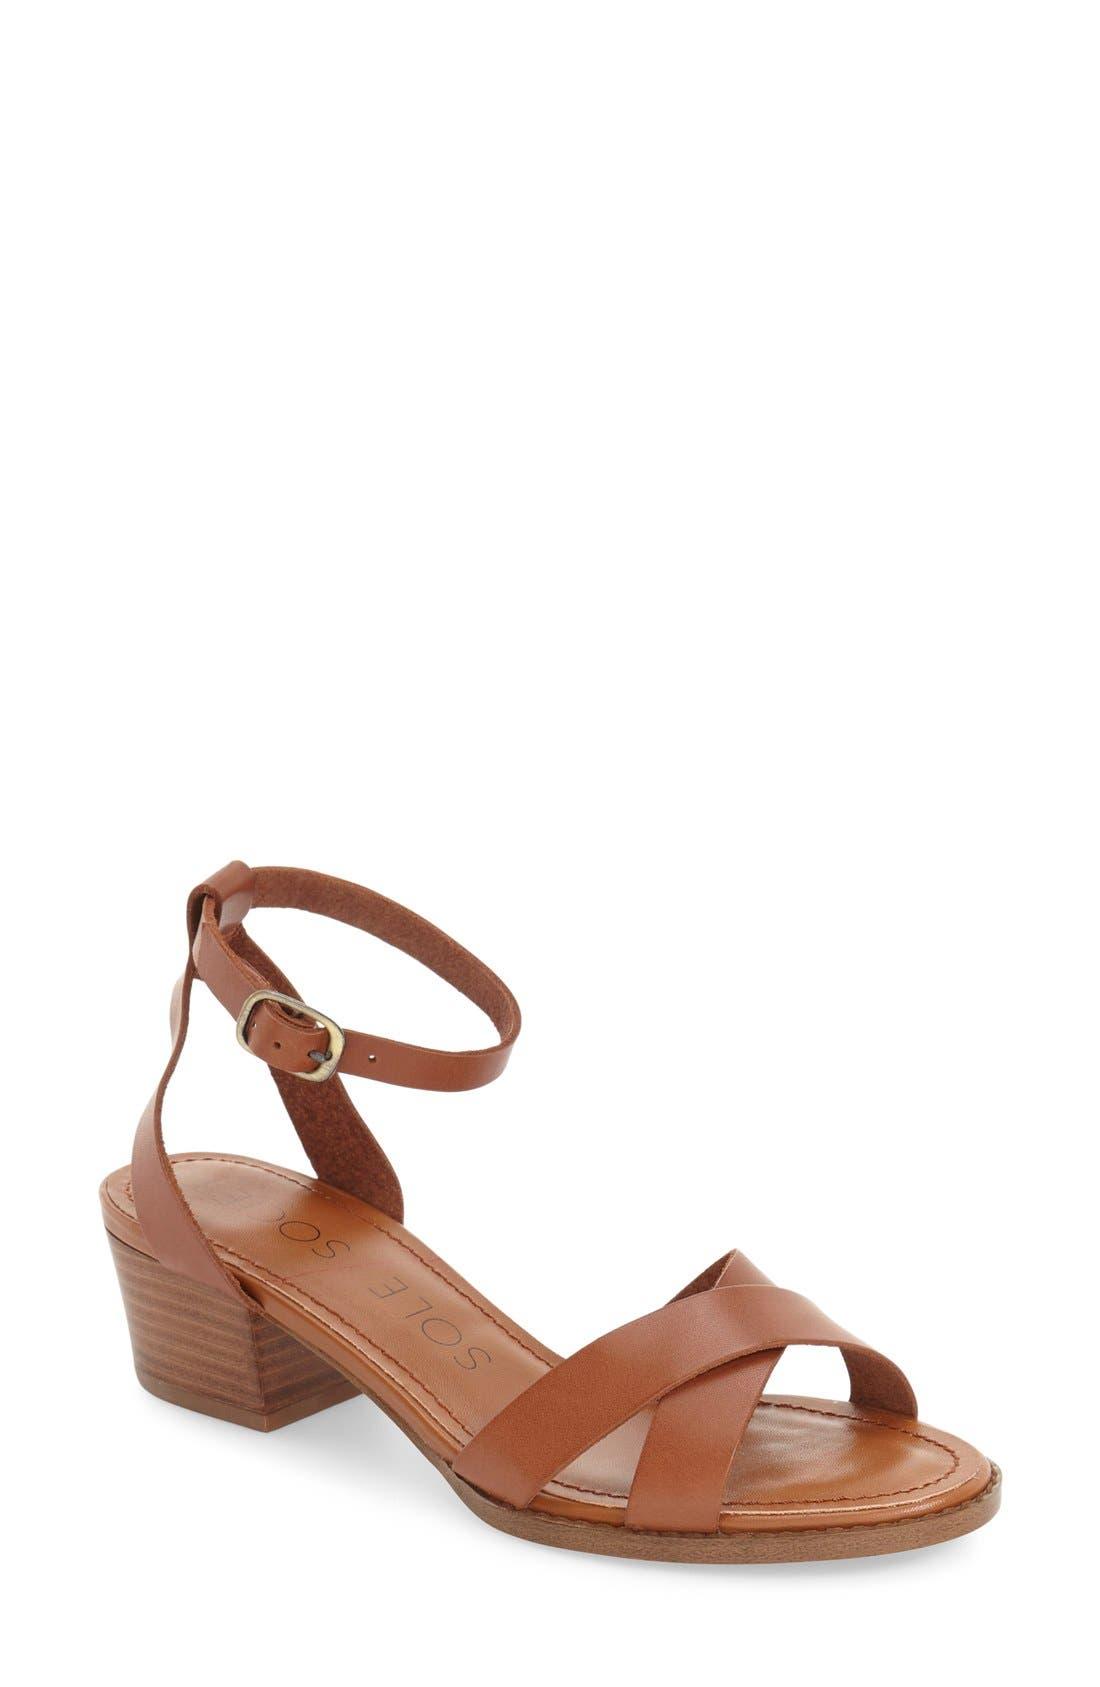 Main Image - Sole Society 'Savannah' Sandal (Women)